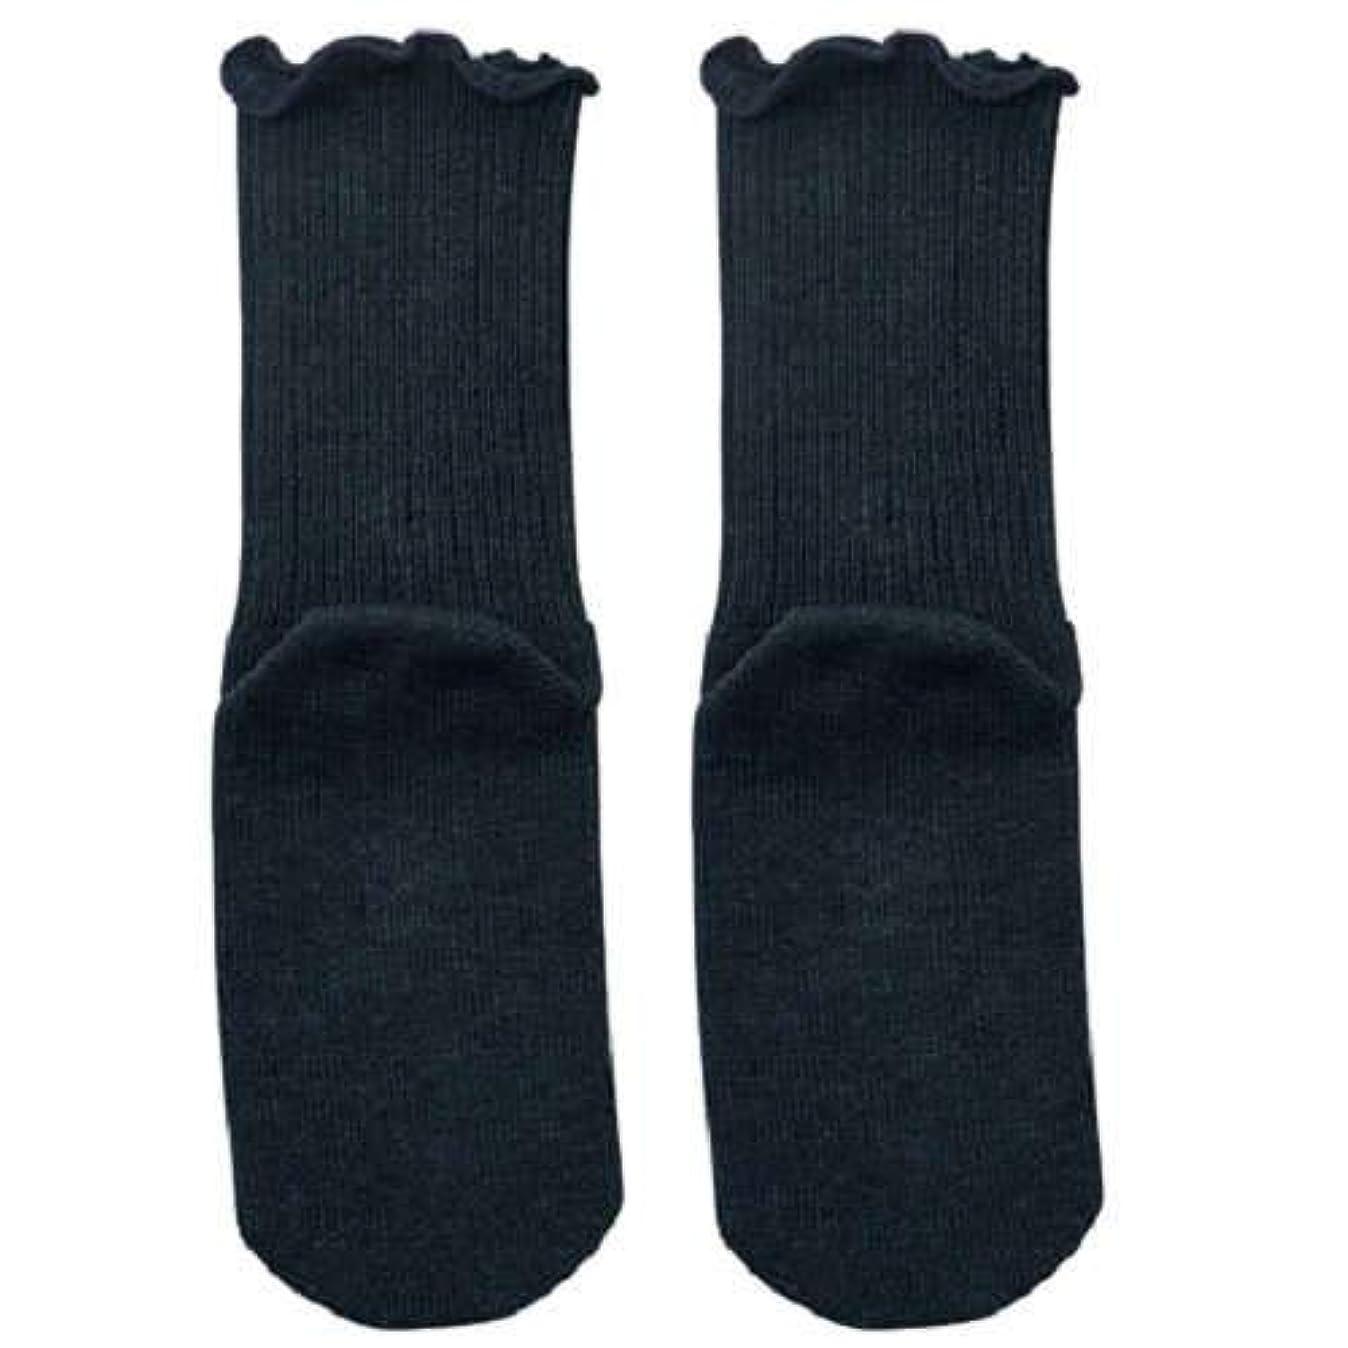 人形鈍い費やす【むくみ】【骨折】 男女兼用 極上しめつけません 特大サイズ 靴下 (チャコール)